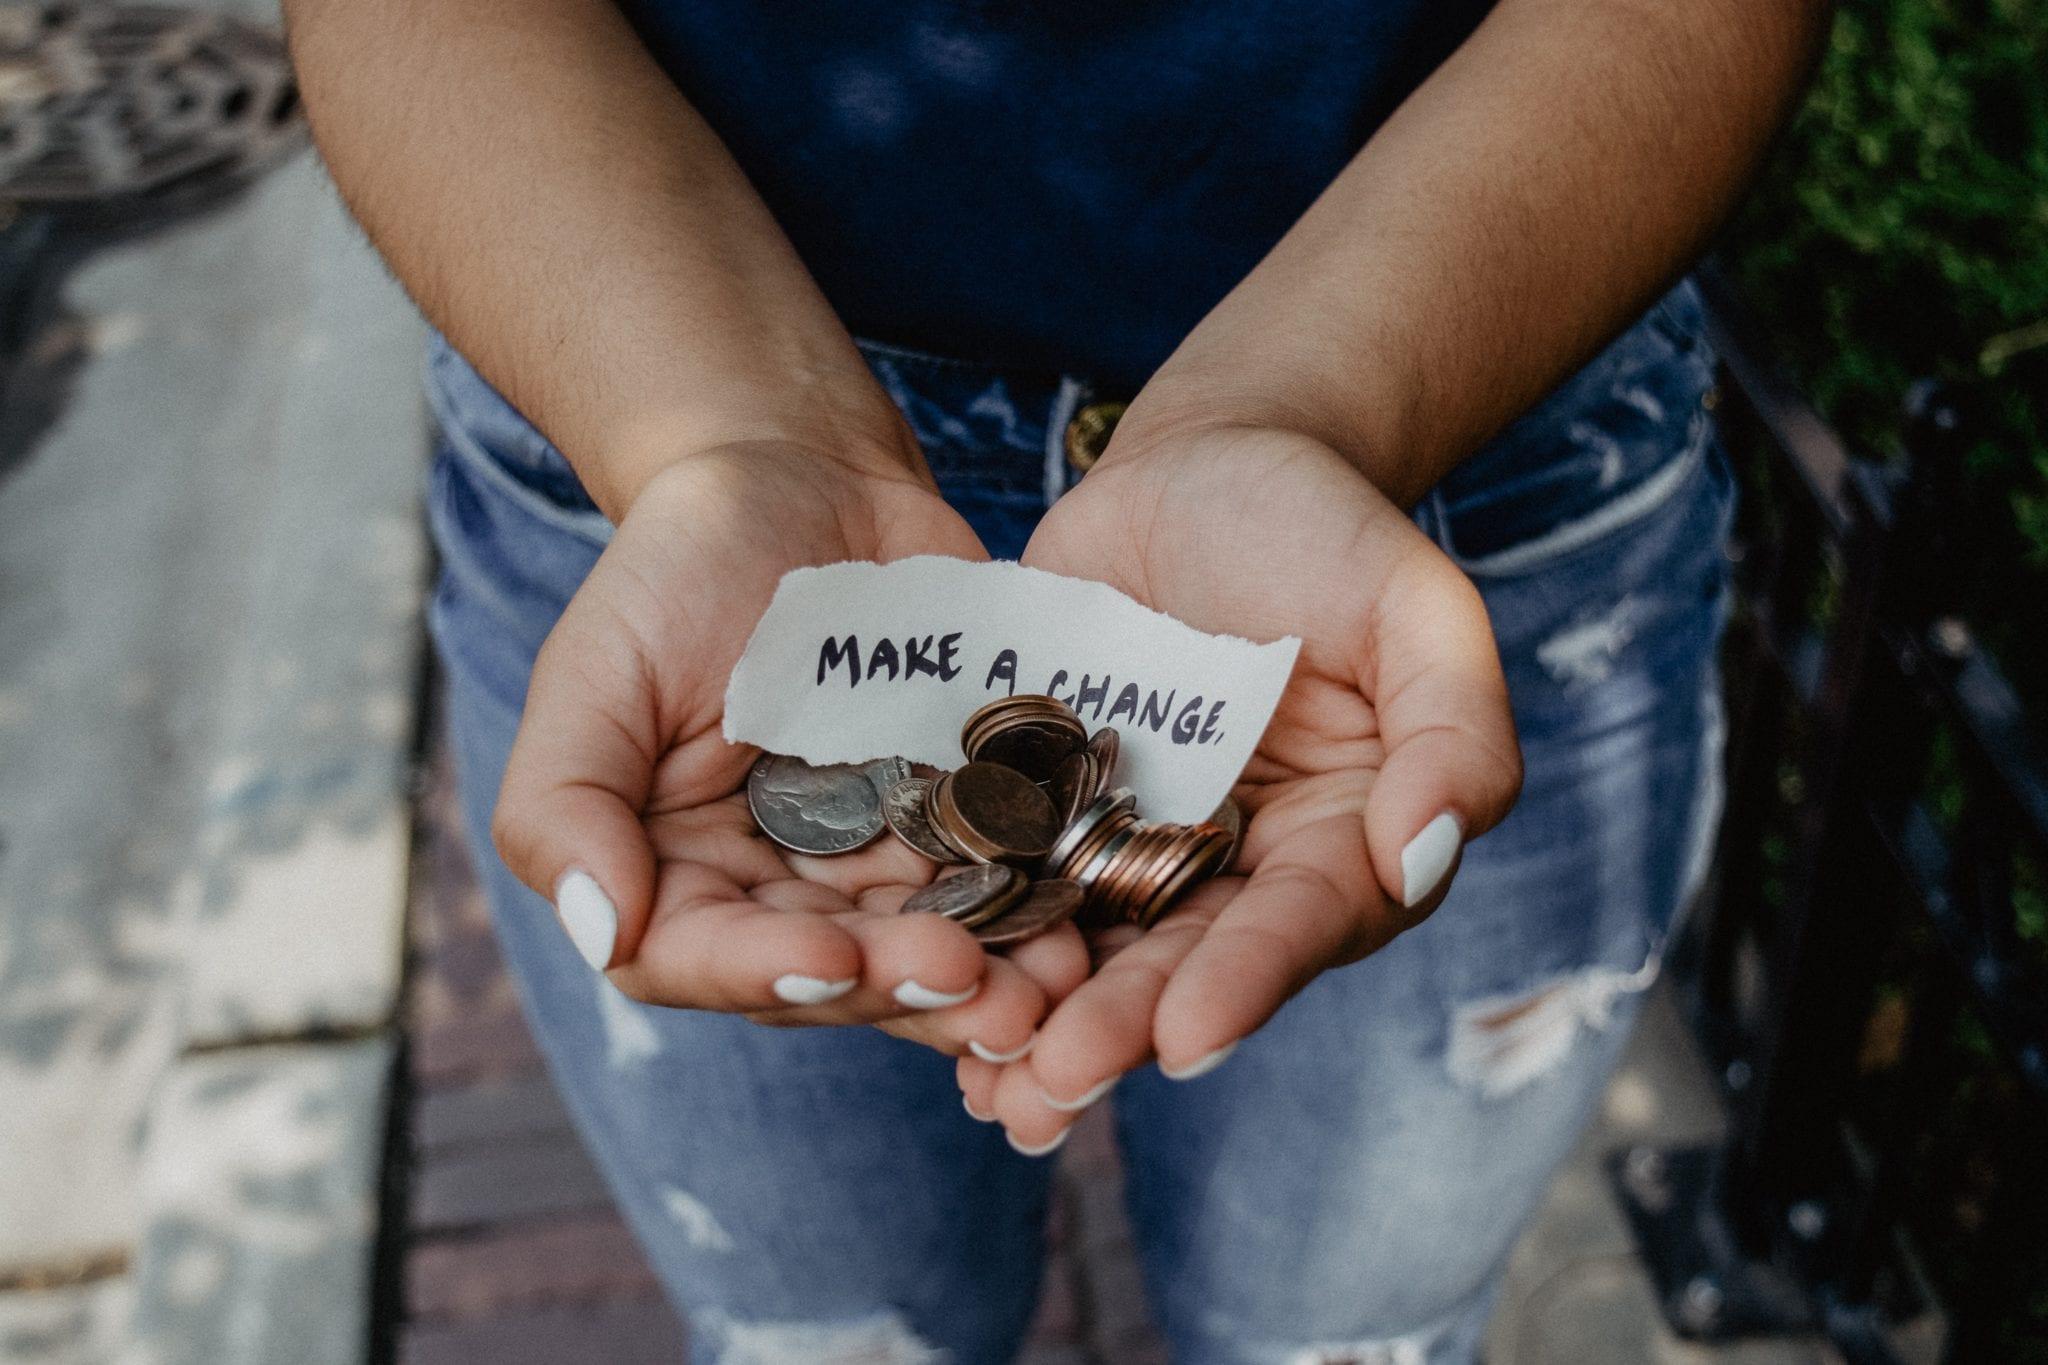 conseguir fondos para la caridad